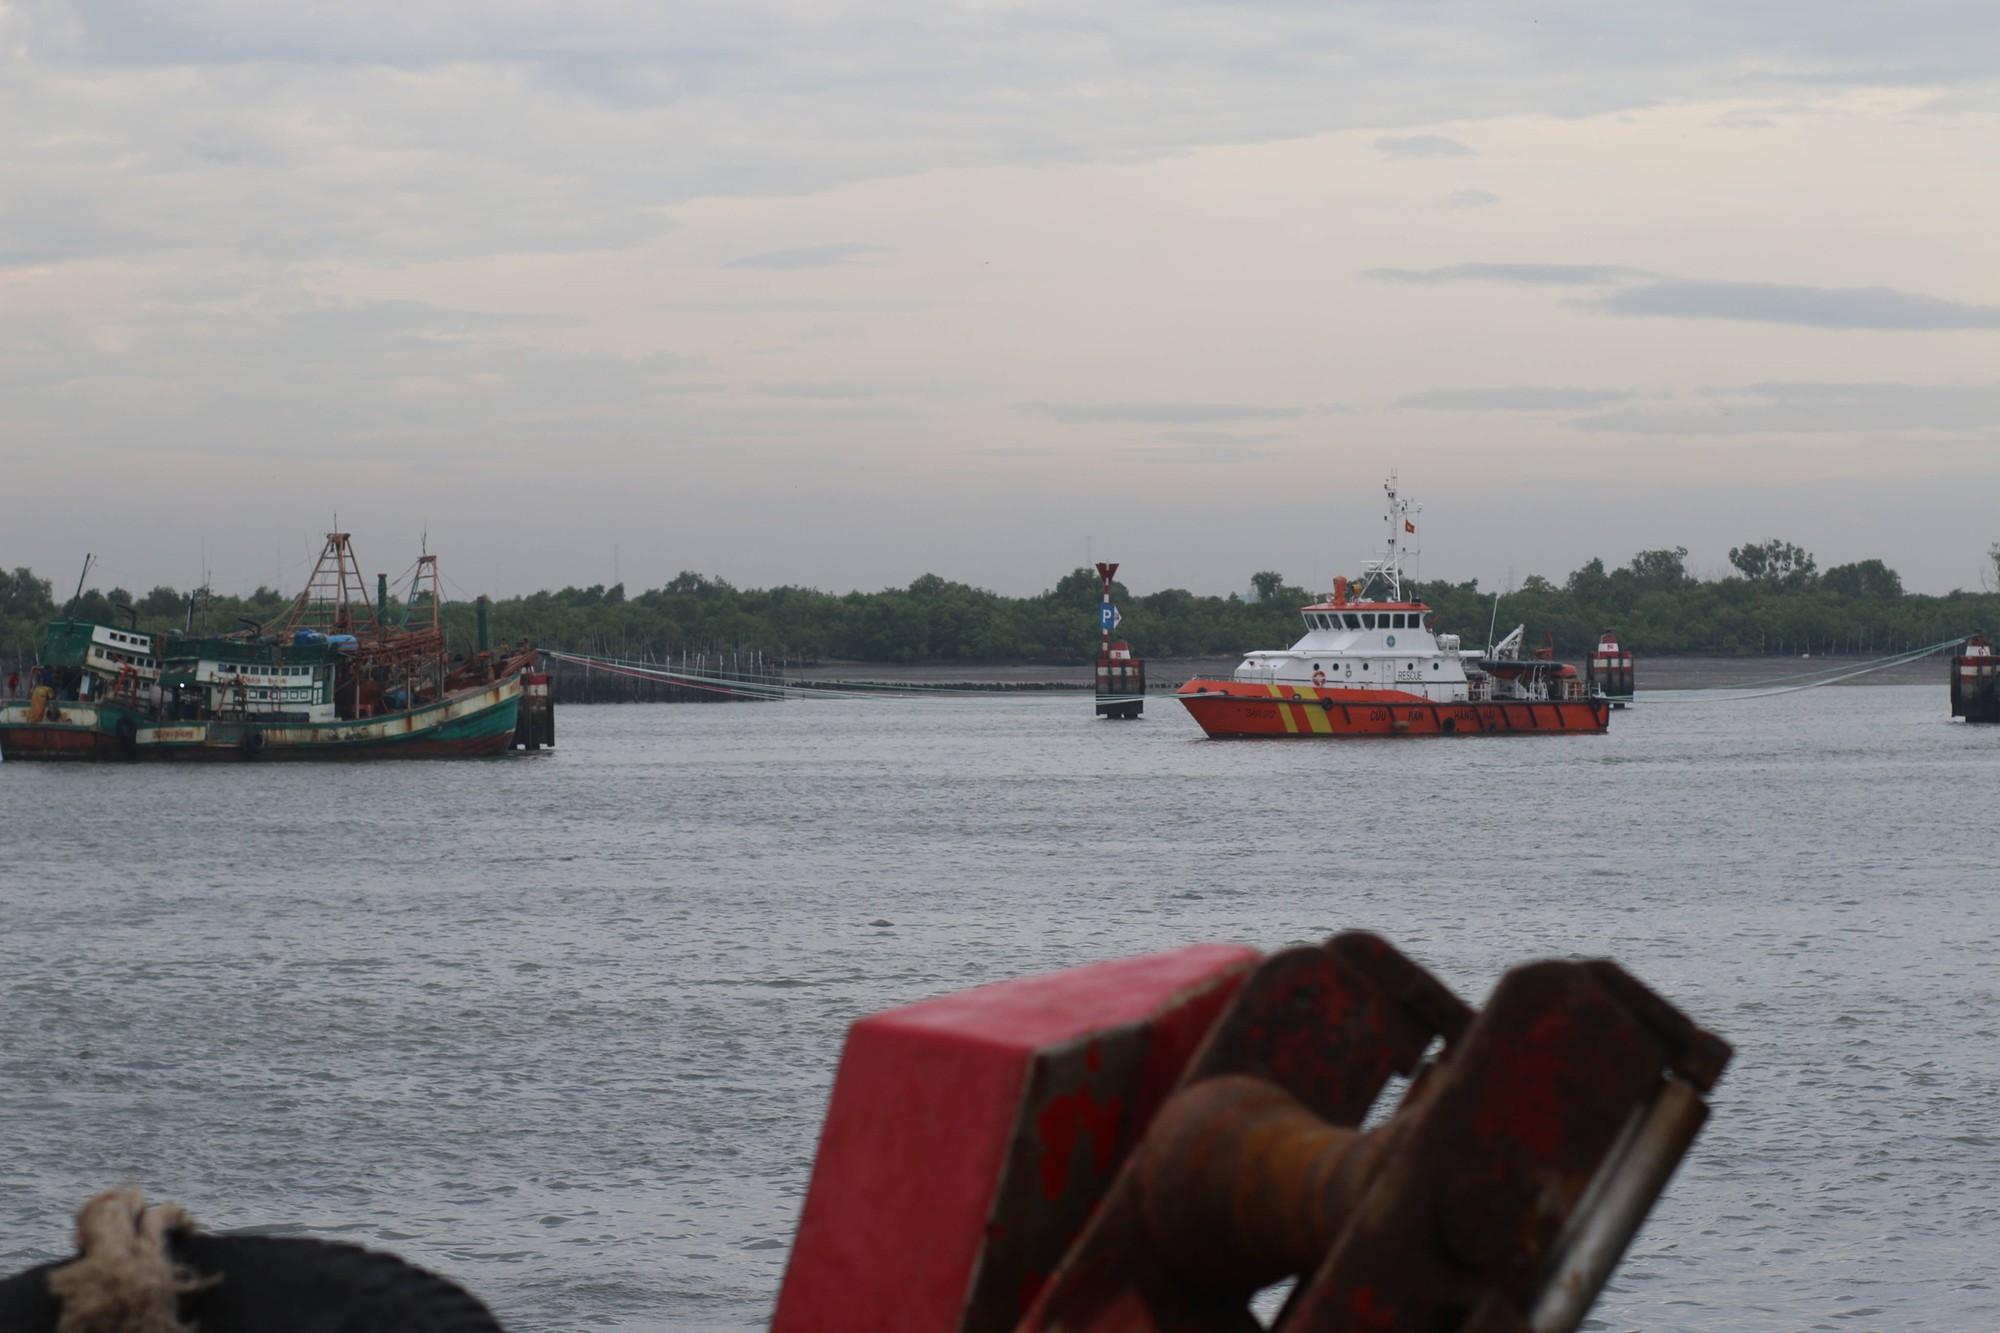 Du khách bất chấp cảnh báo, liều lĩnh tắm biển Vũng Tàu trước giờ bão nổi - Ảnh 8.